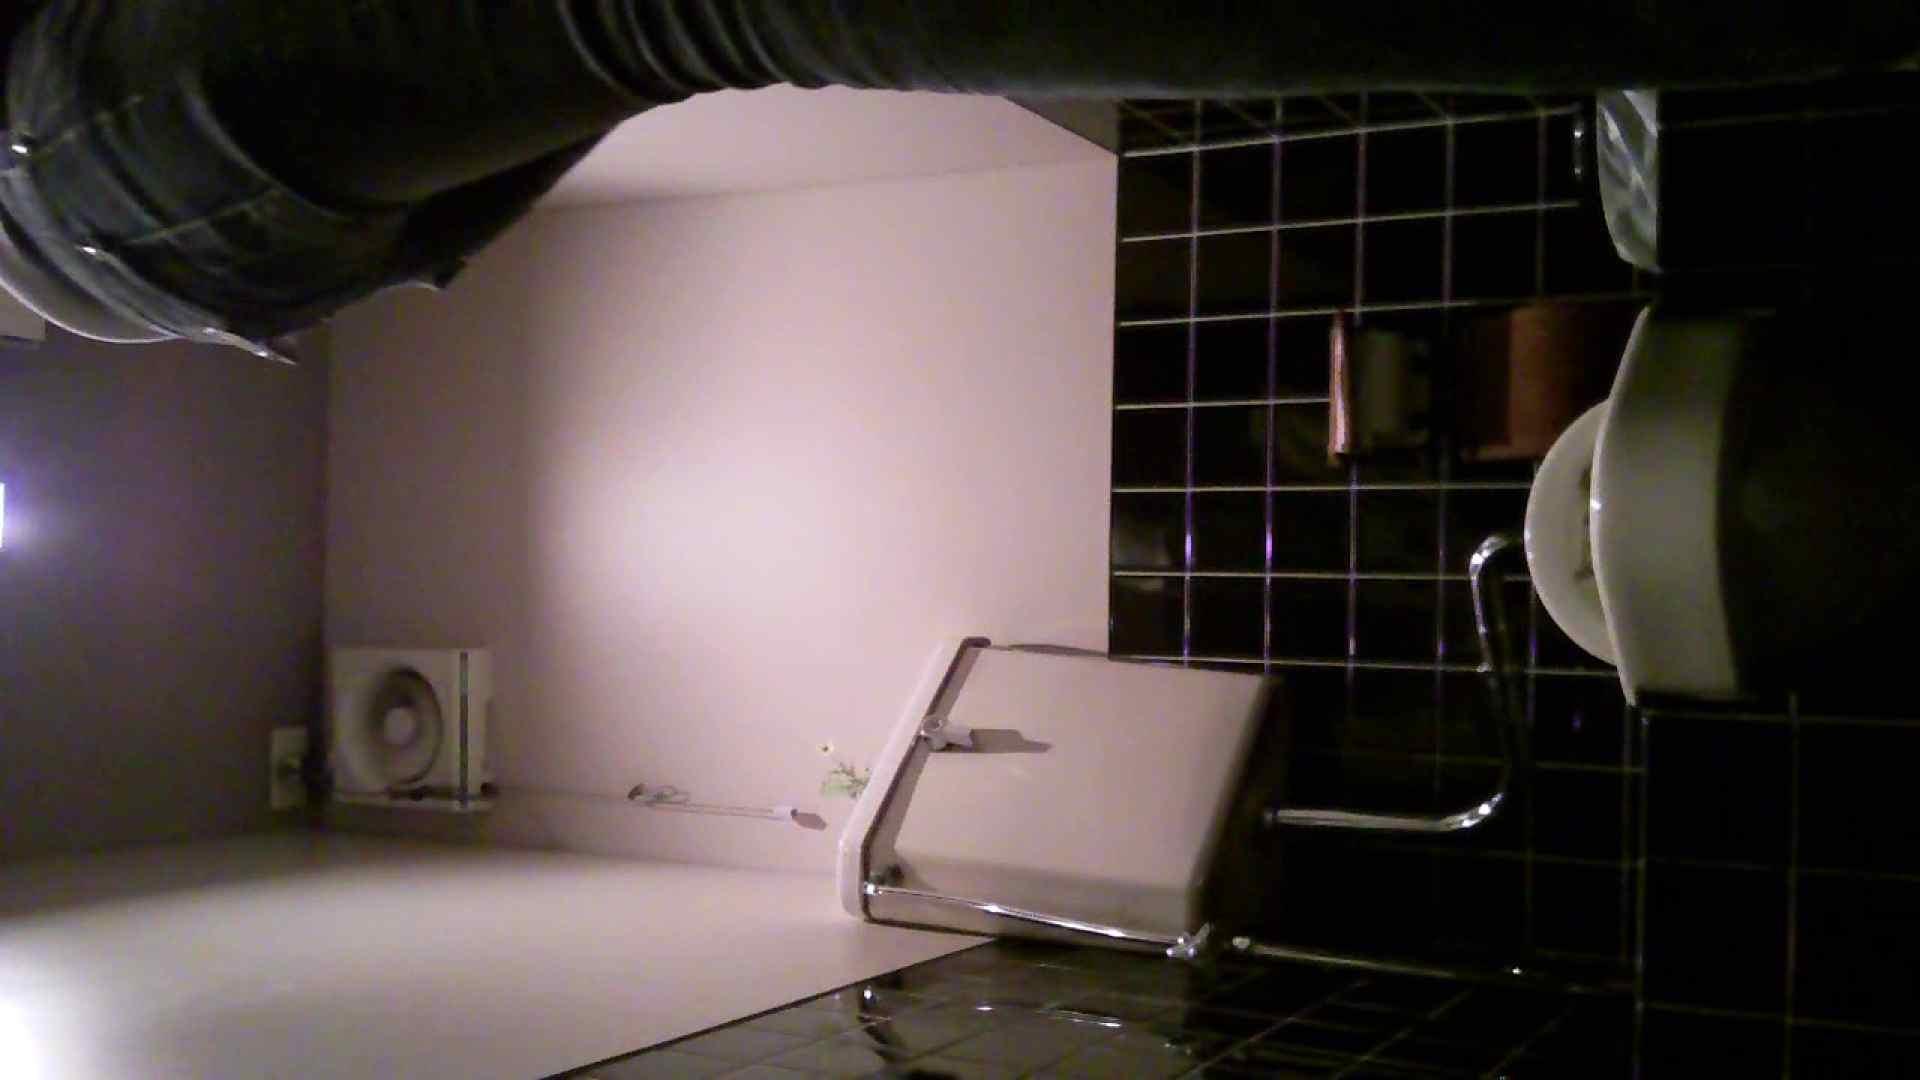 美女の集まる飲み屋洗面所 vol.01 洗面所 | OLセックス  104画像 19